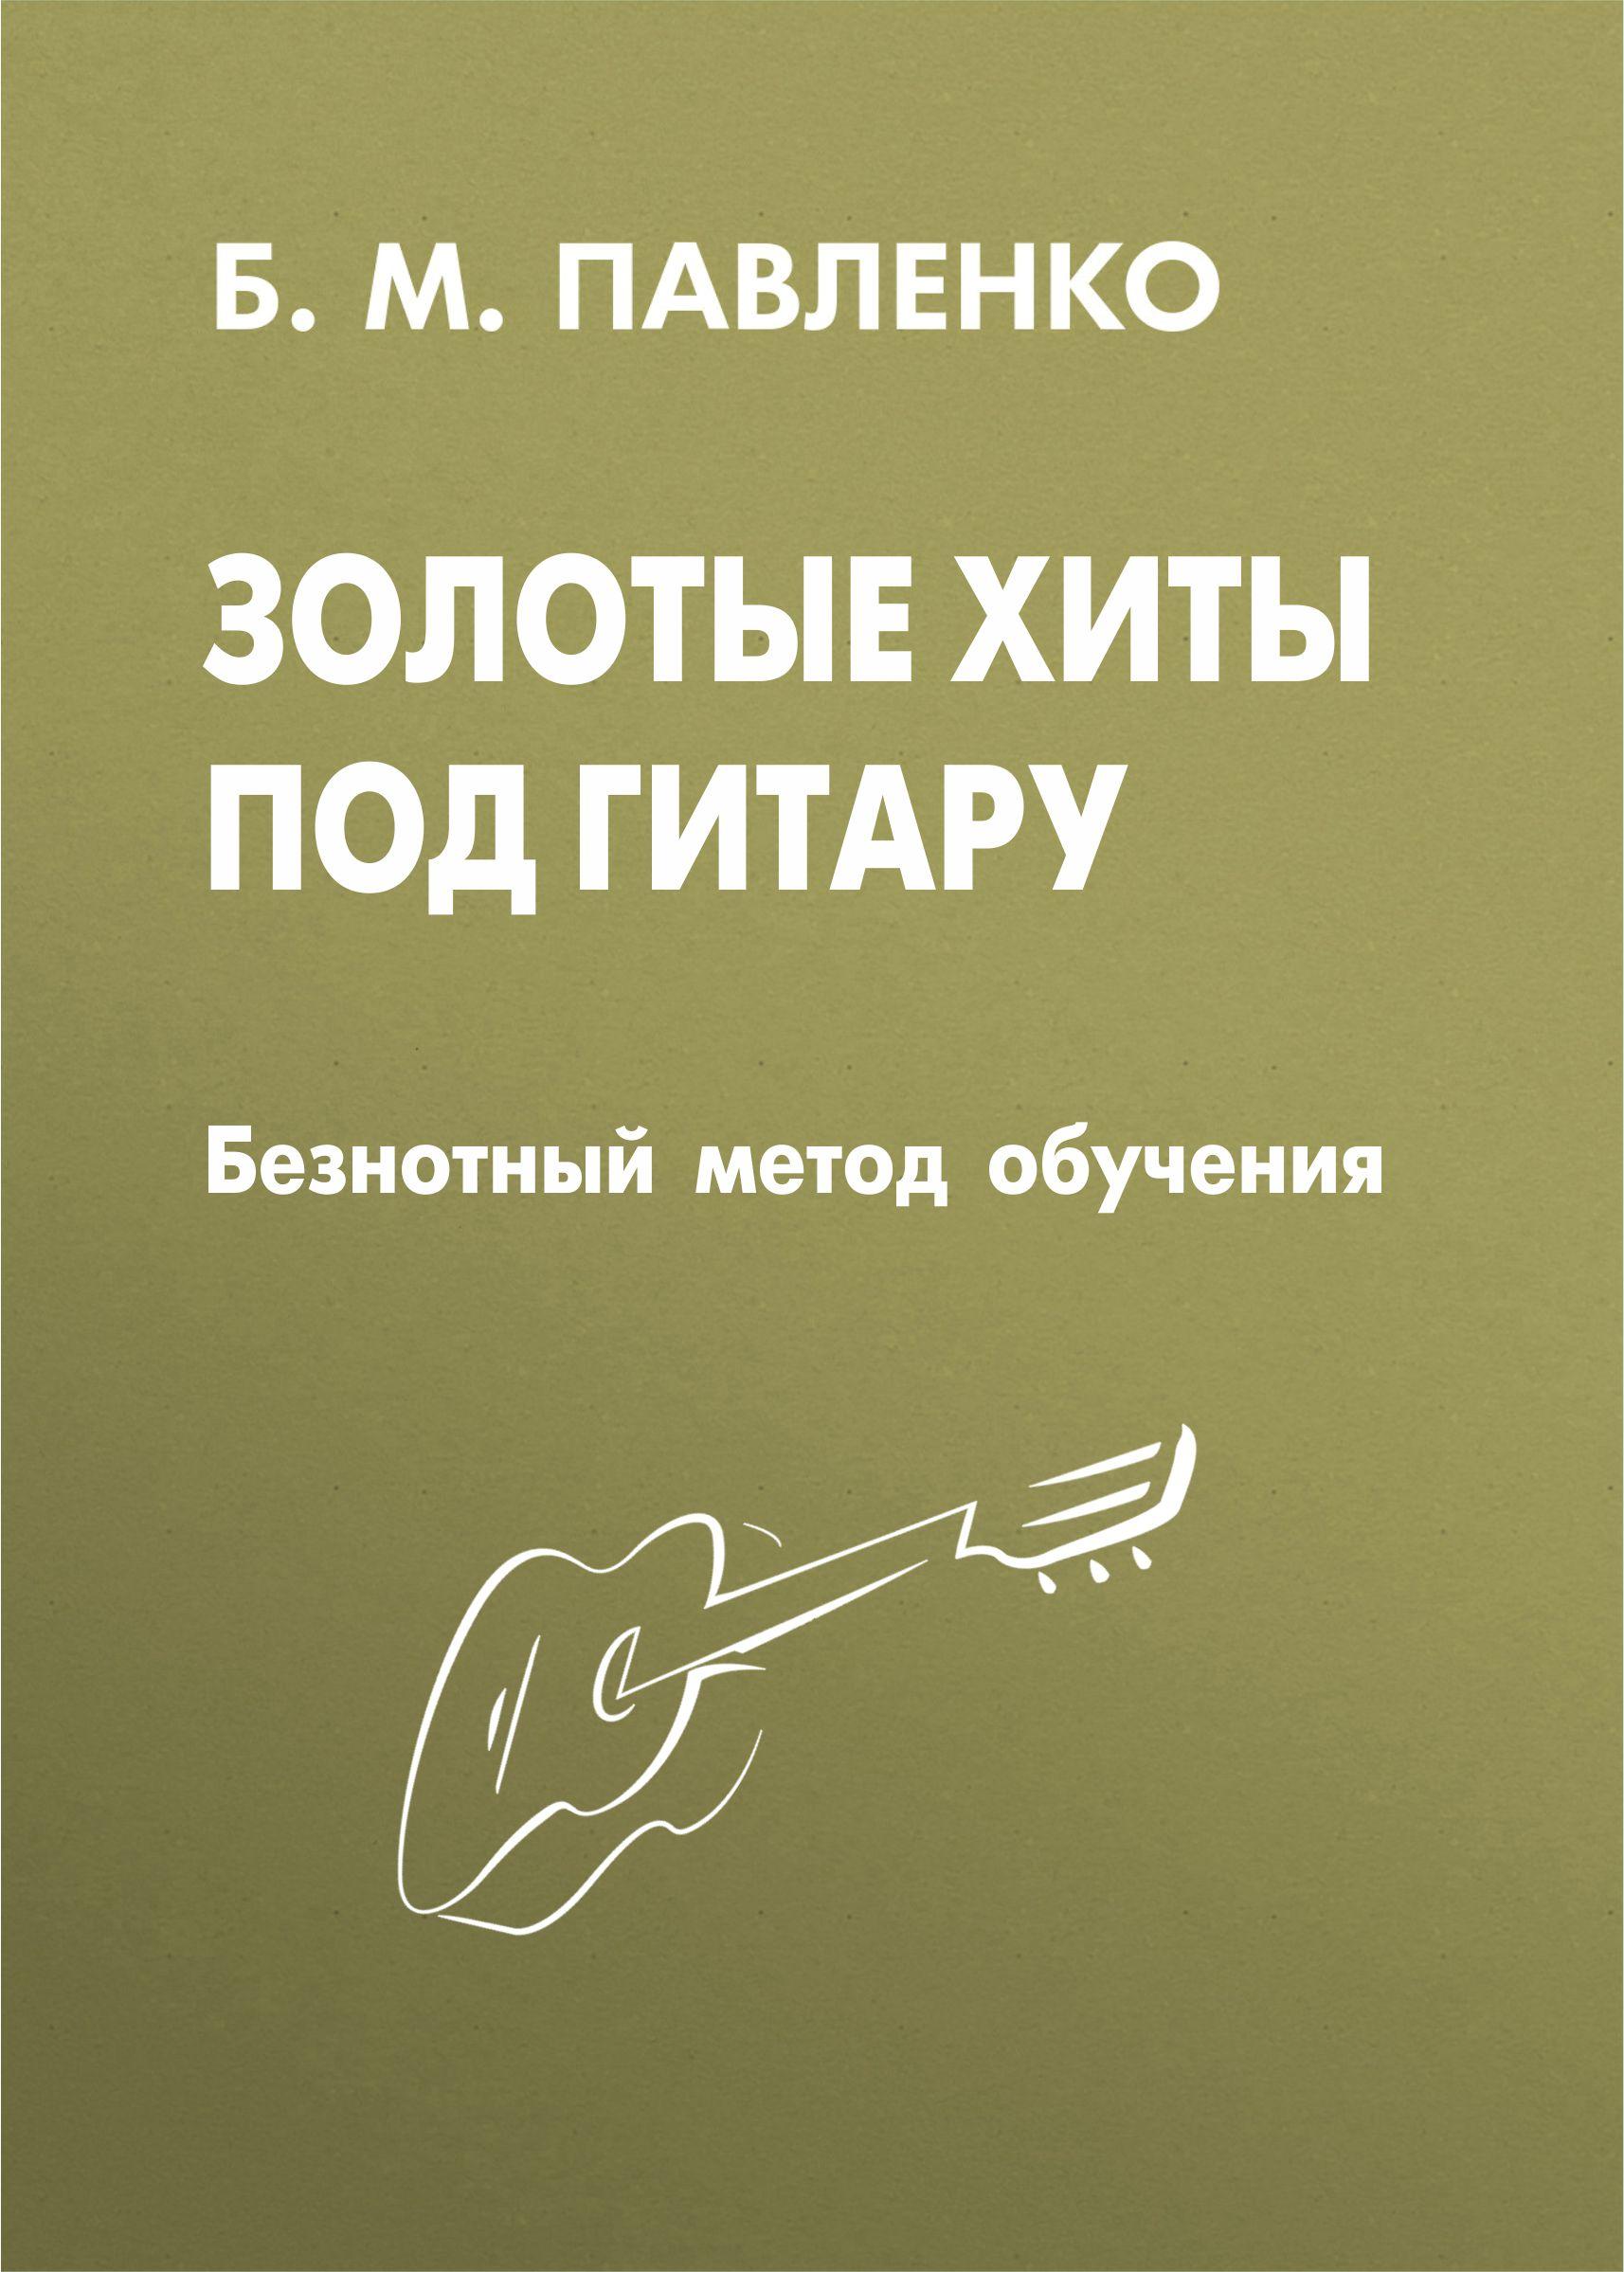 Золотые хиты под гитару. Безнотный метод обучения_Б. М. Павленко